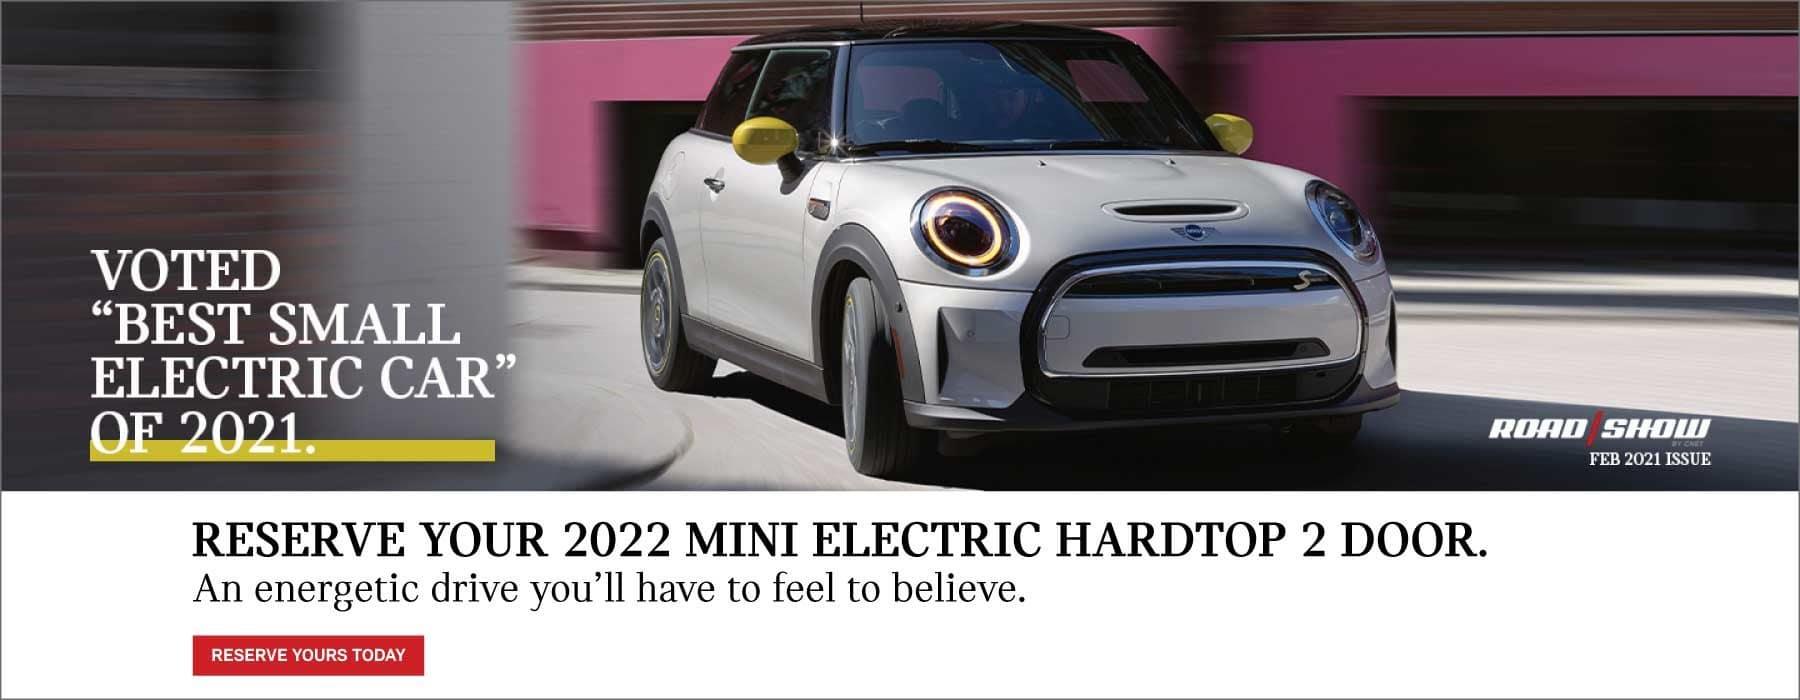 Reserve Your 2022 MINI Electric Hardtop 2 door.